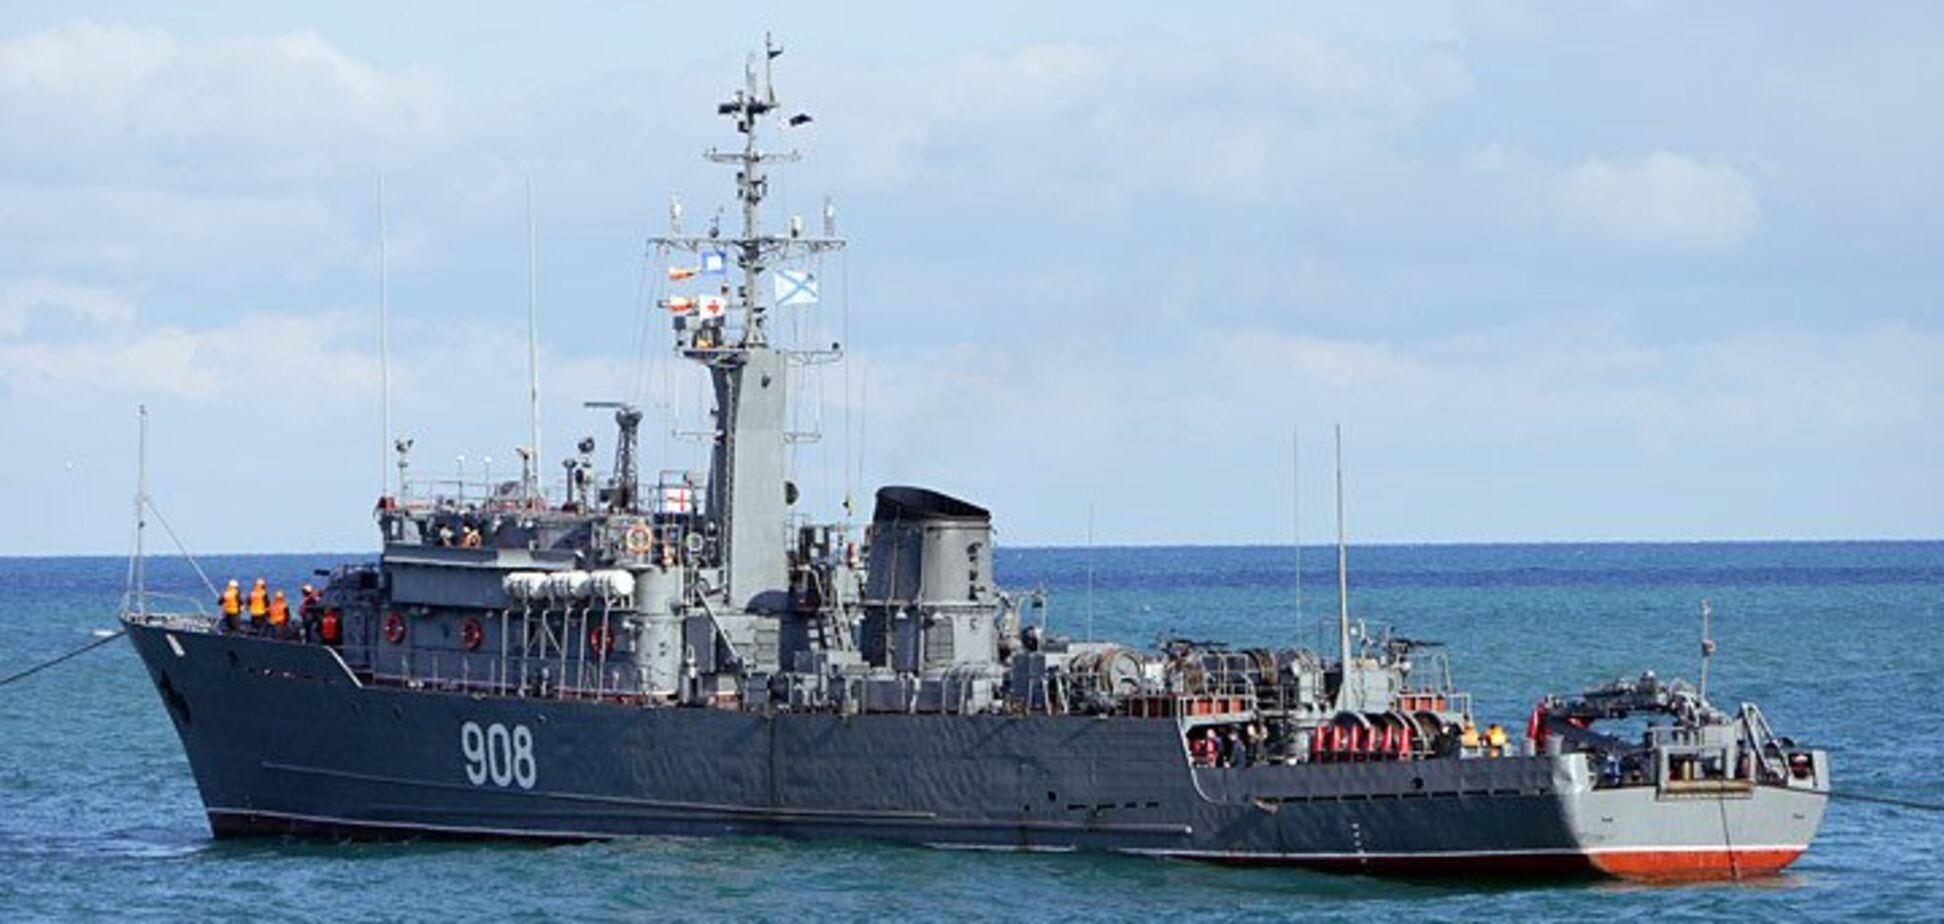 Угроза для всей Европы: РФ заблокировала часть Черного моря